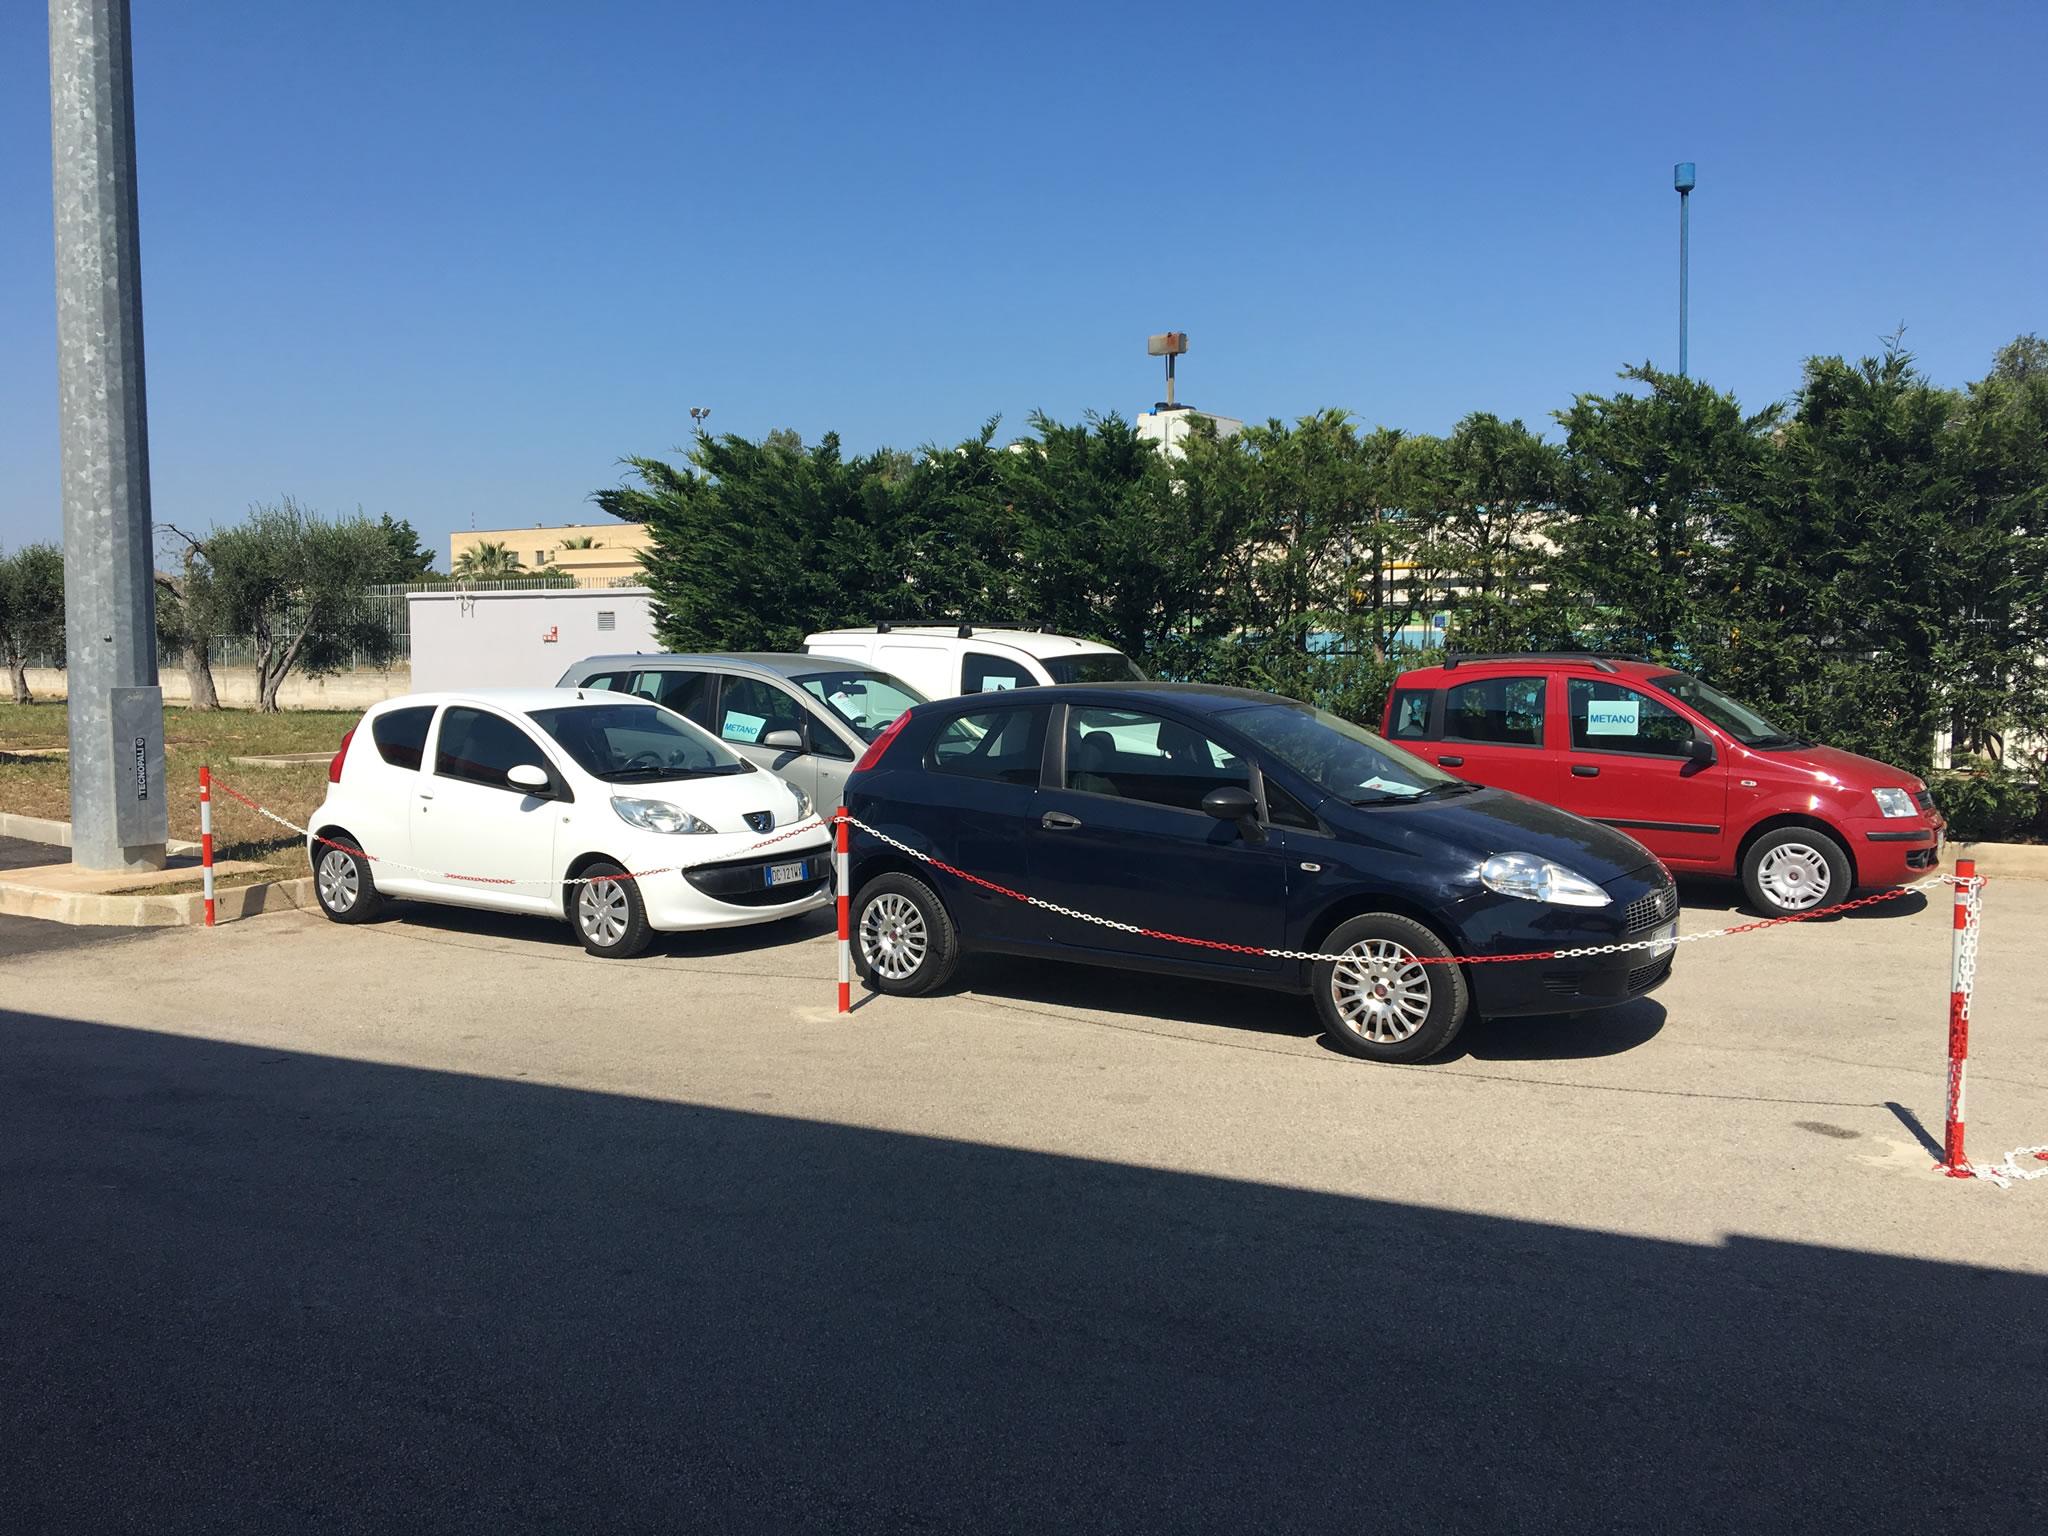 Le migliori offerte di auto usate